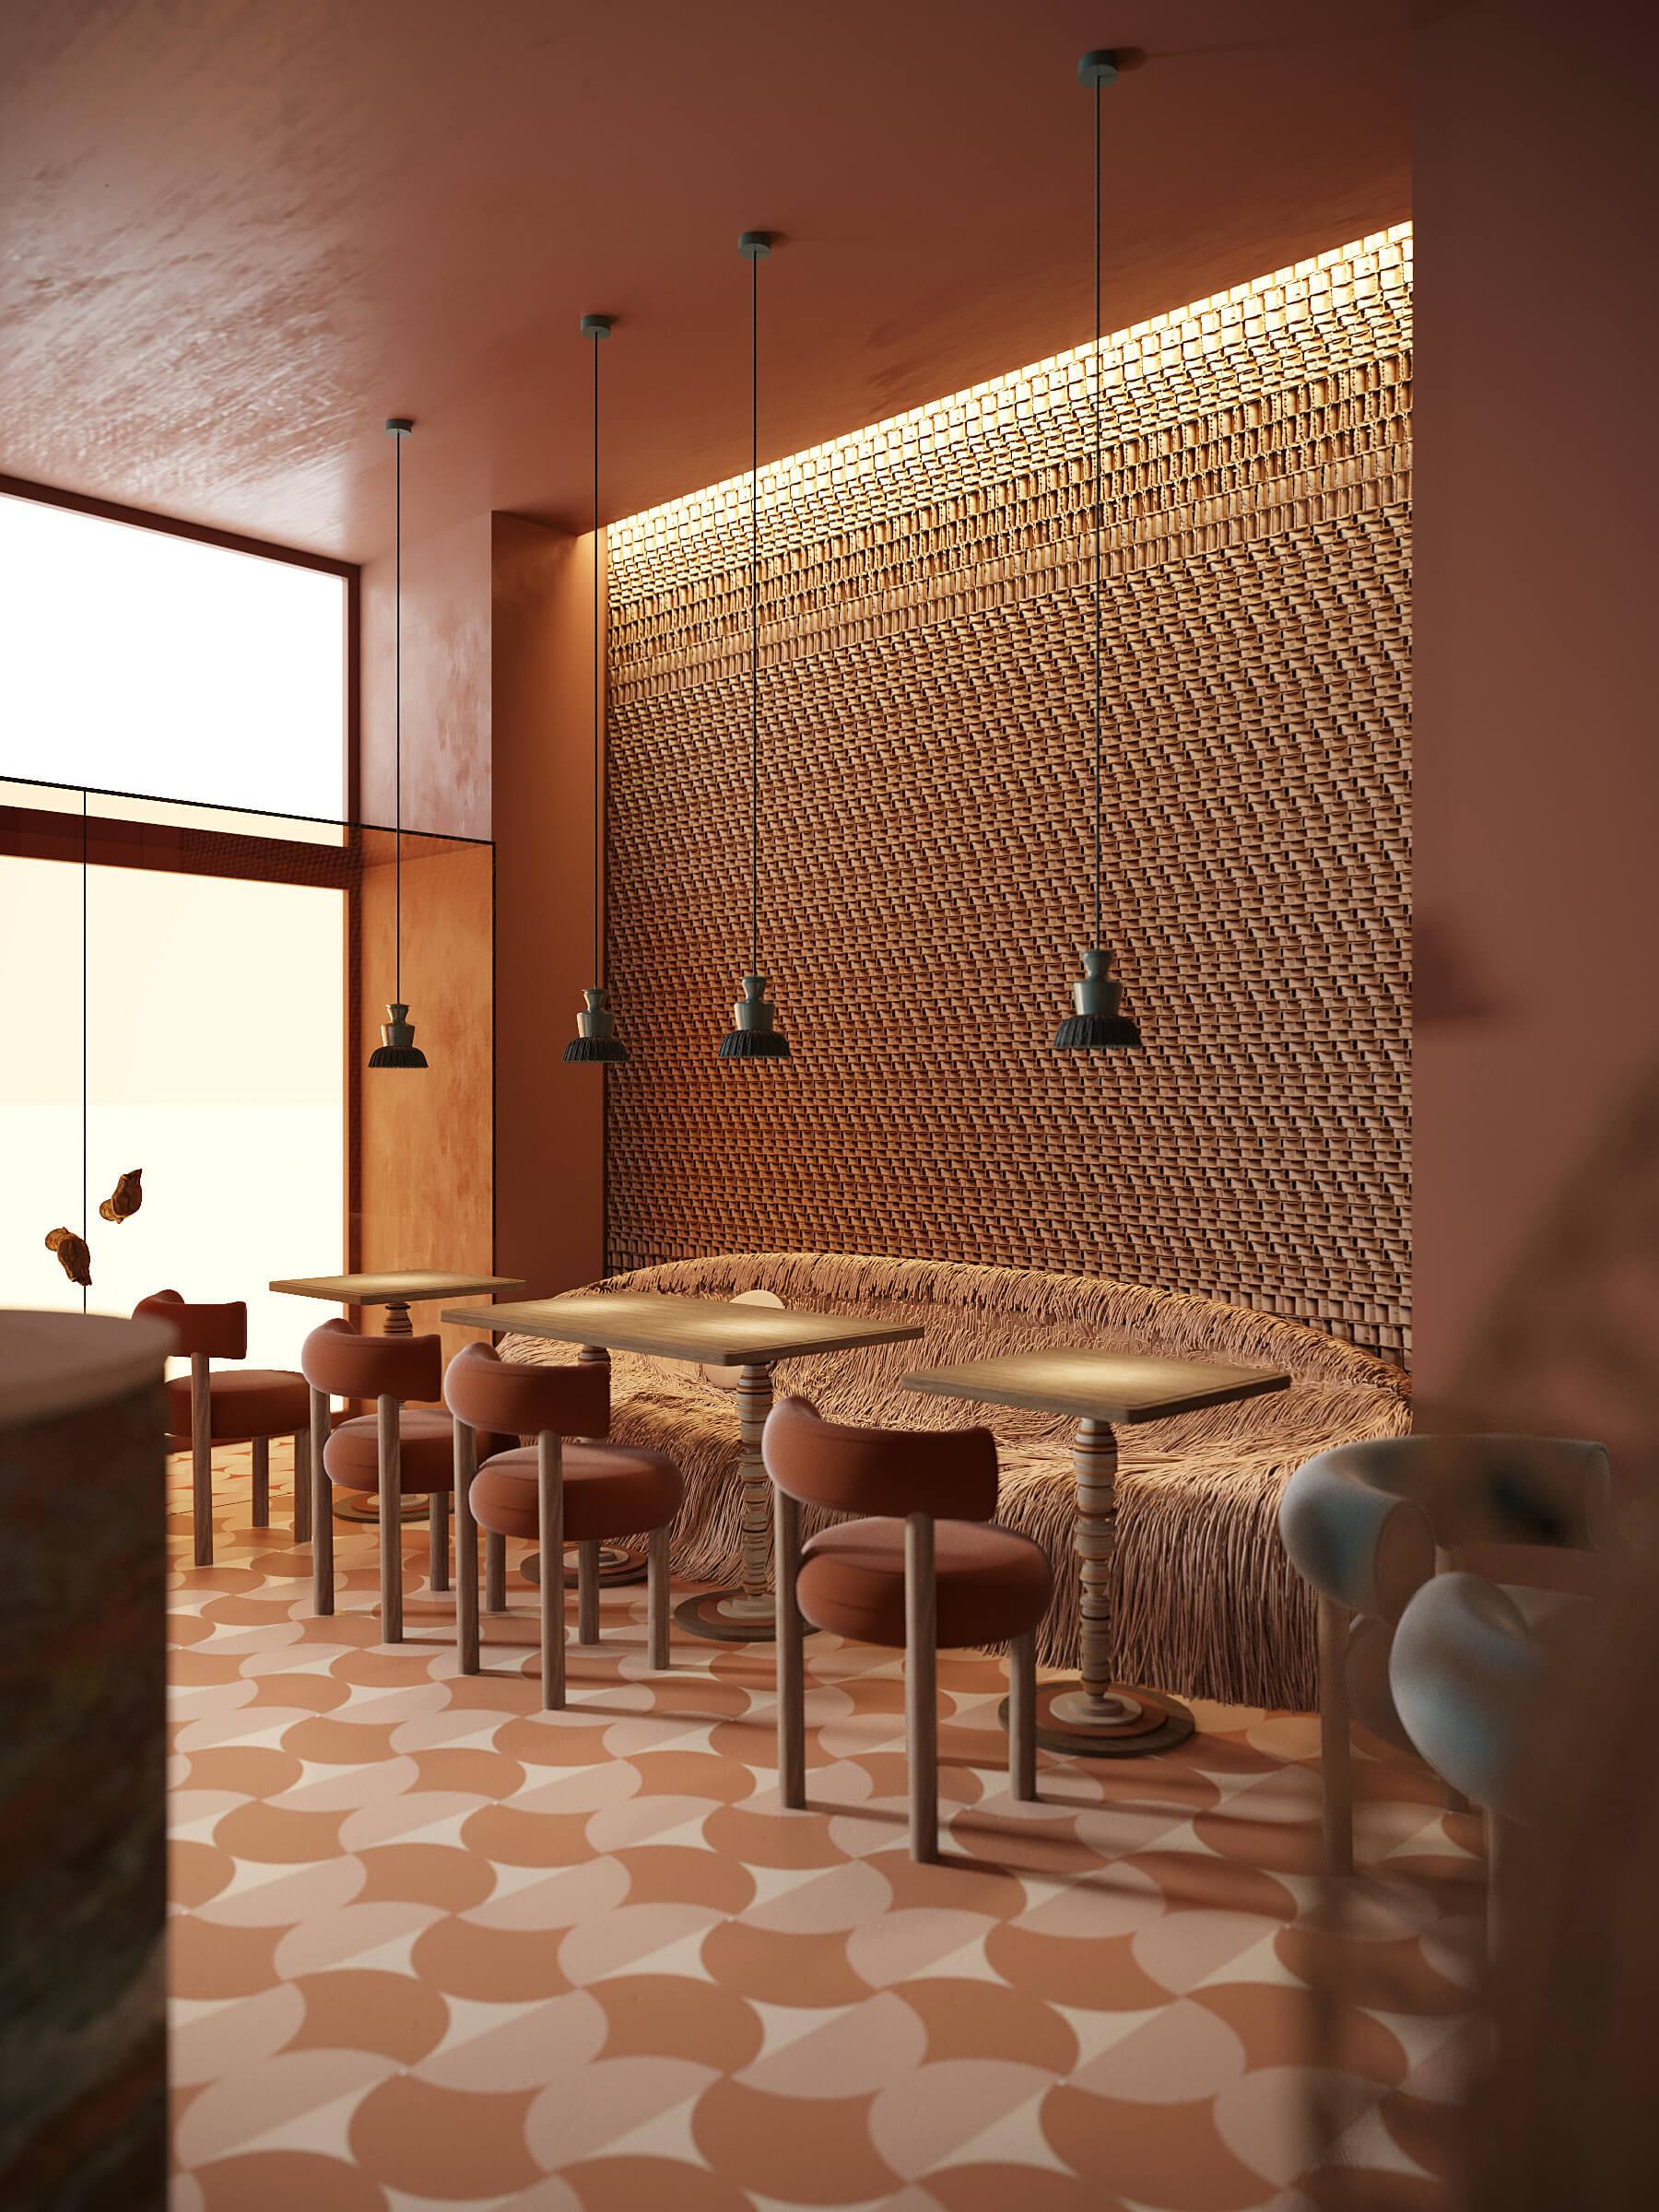 Ресторан Мама Индия основной зал зал г. Киев